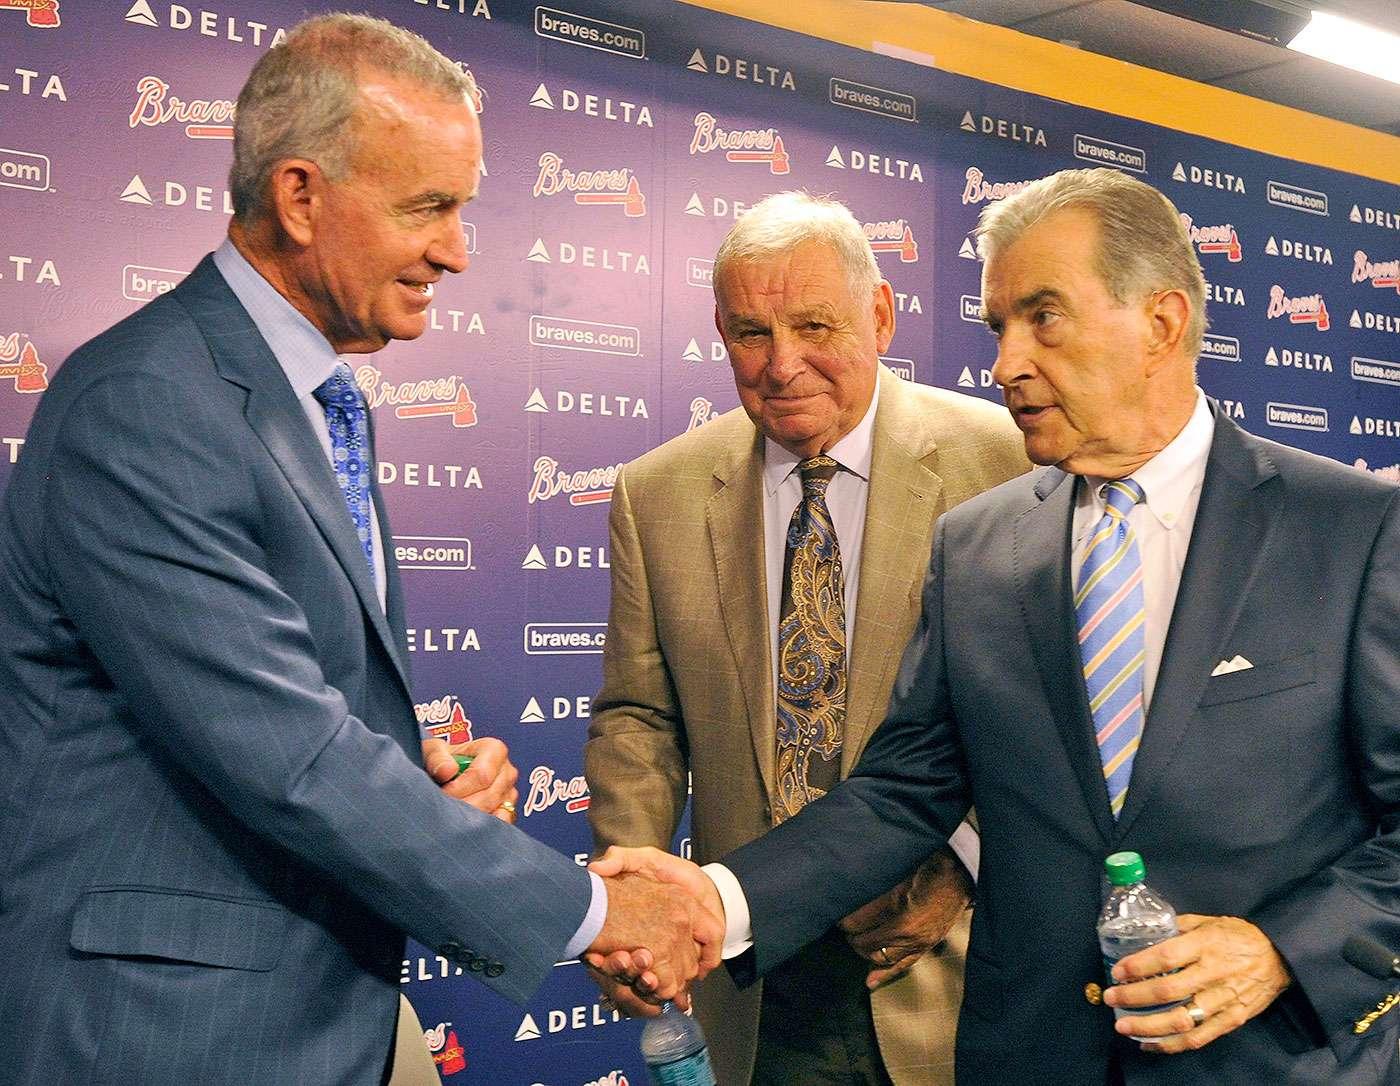 El gerente general interino de los Bravos de Atlanta, John Hart (izquierda) estrecha la mano del presidente del club, John Schuerholz, ante la mirada del ex manager, Bobby Cox. Foto: David Tulis/AP